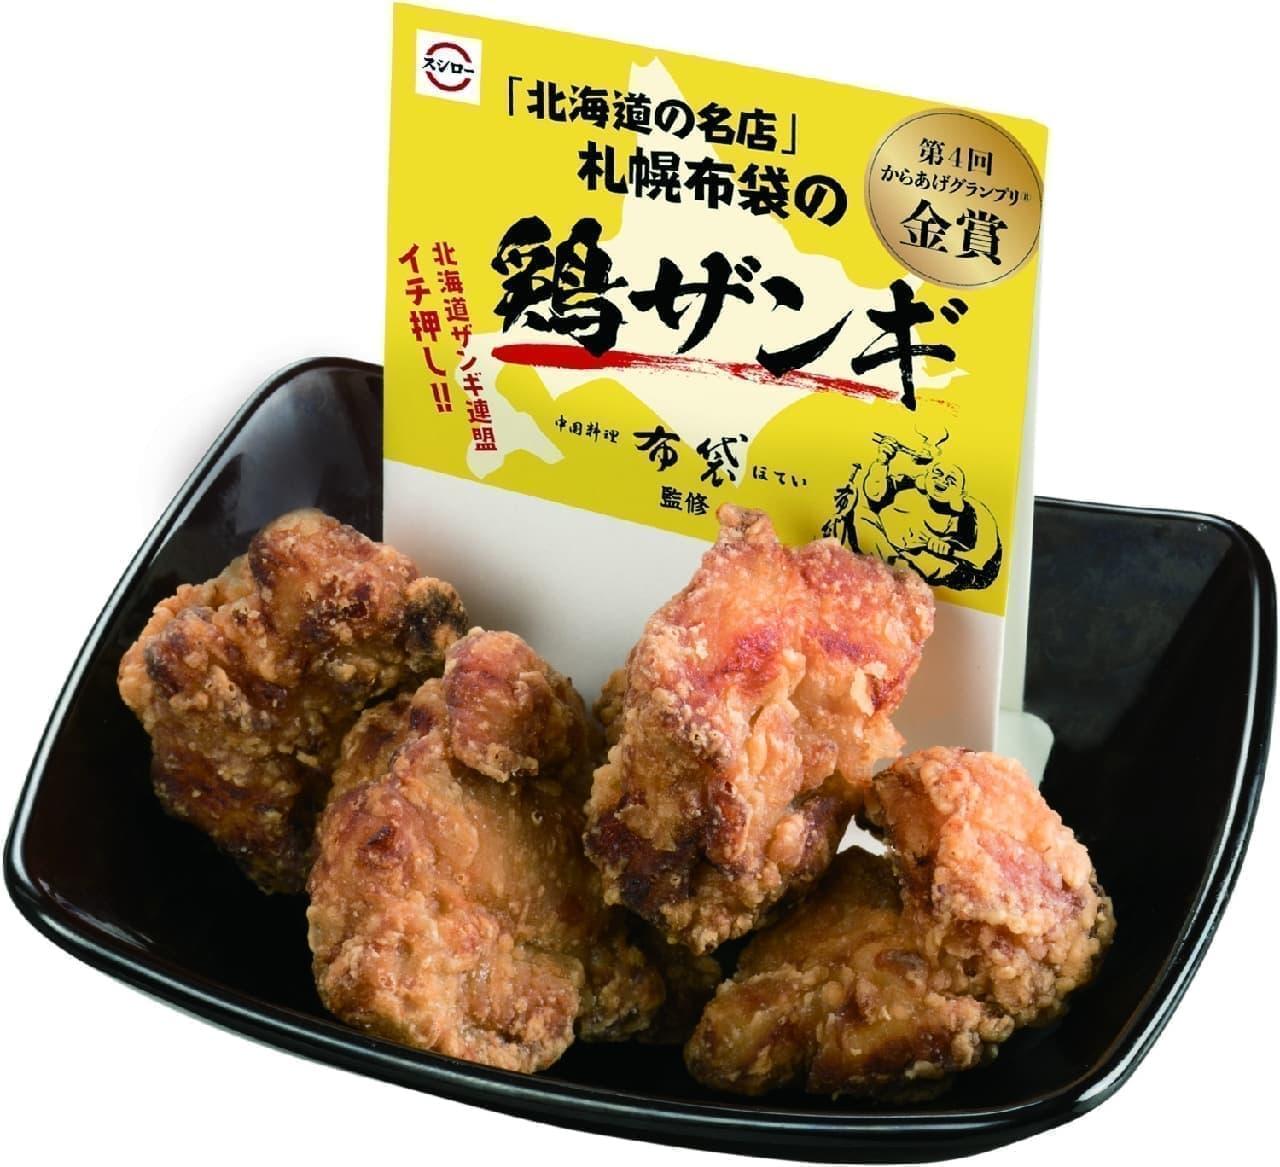 スシロー「札幌布袋の鶏ザンギ」